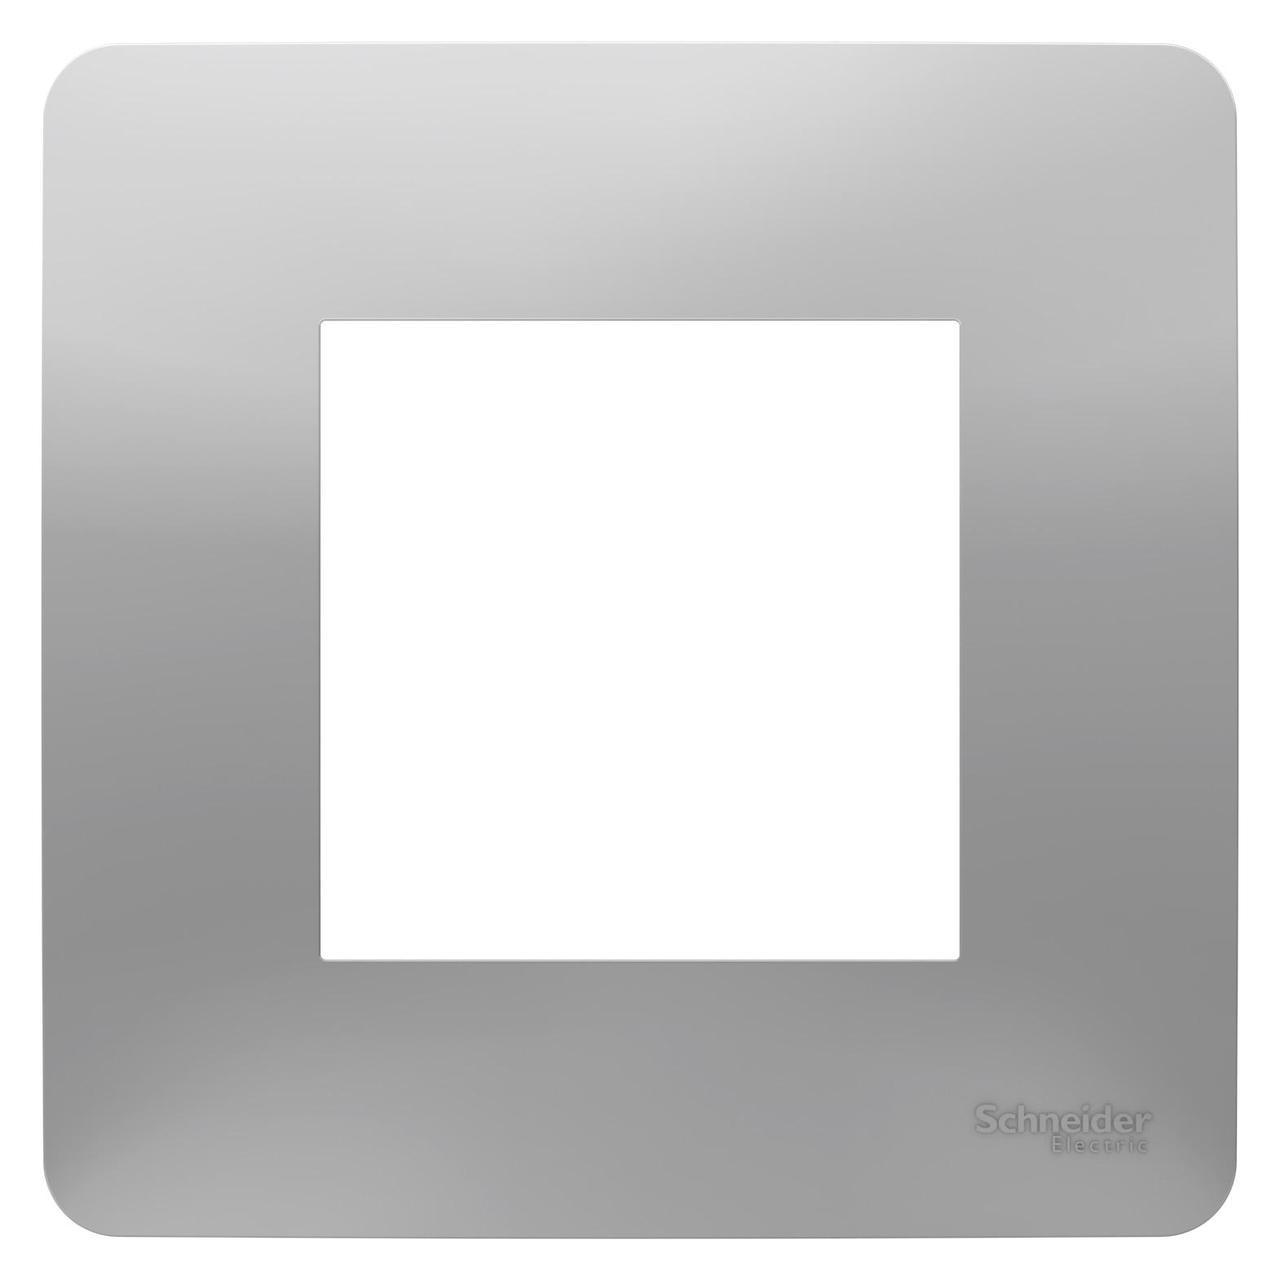 Рамка 1-ая (одинарная), Алюминий, серия Unica Studio, Schneider Electric